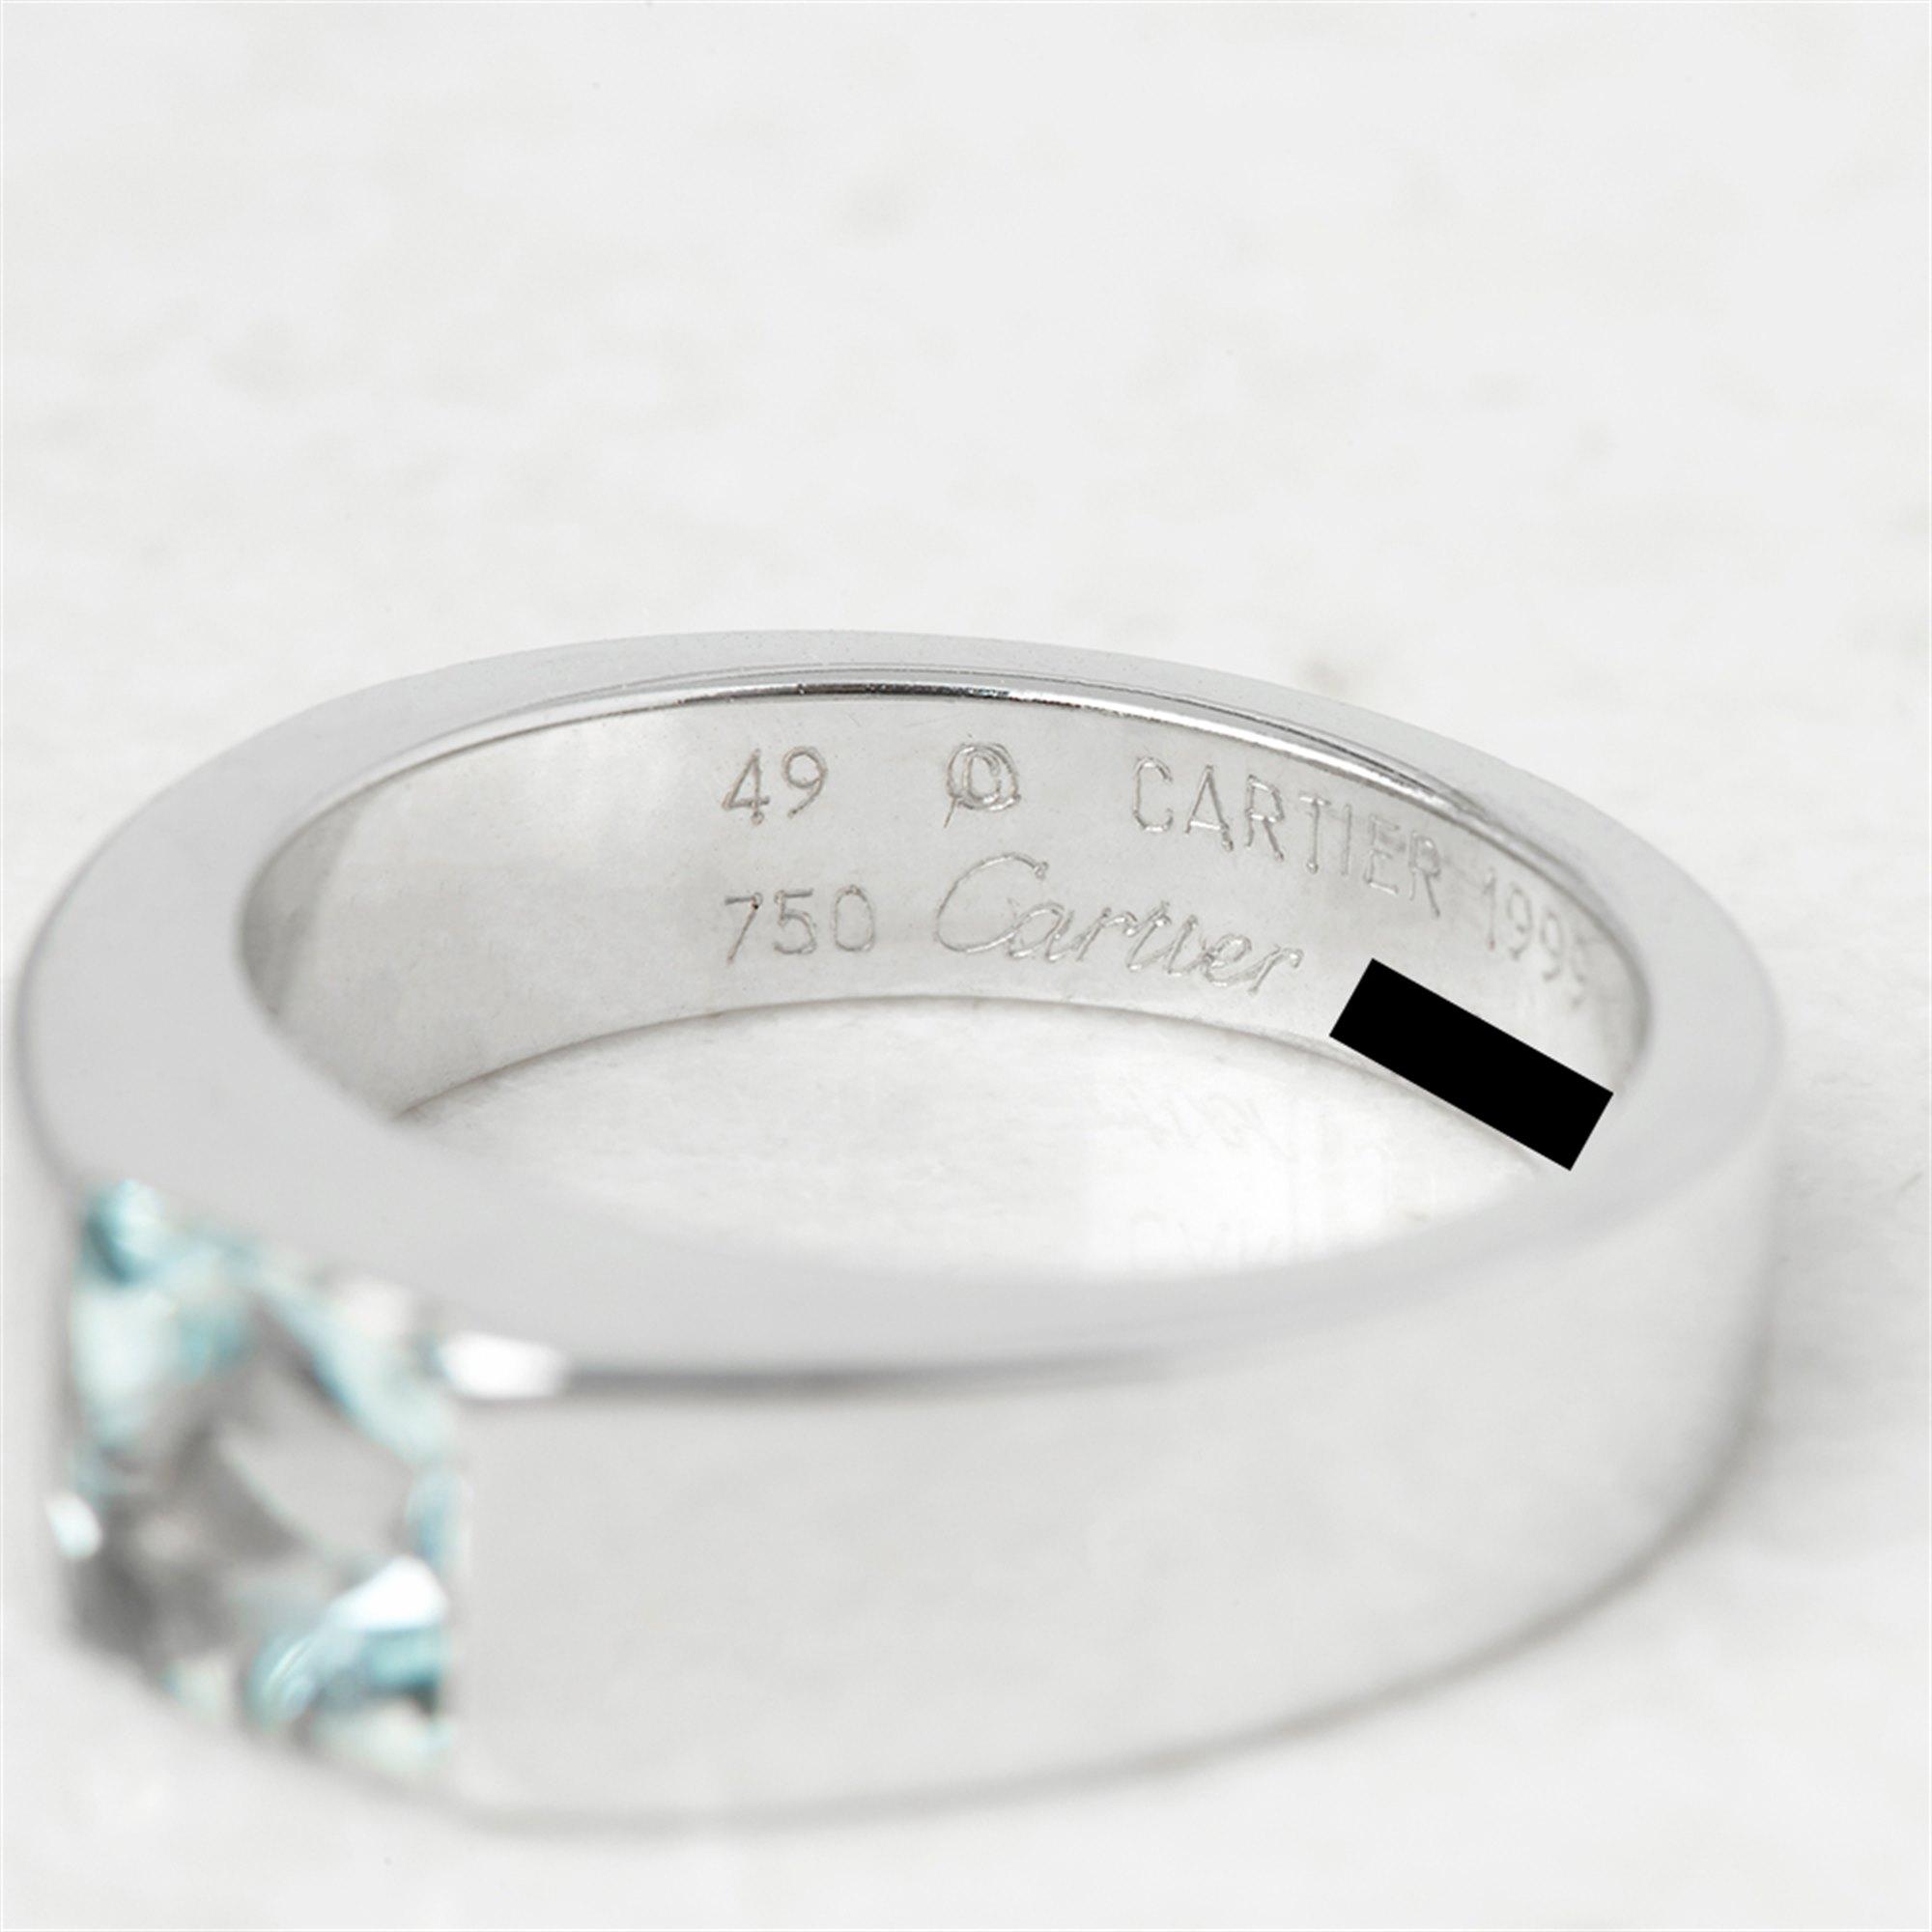 Cartier 18k White Gold Aquamarine Tank Ring